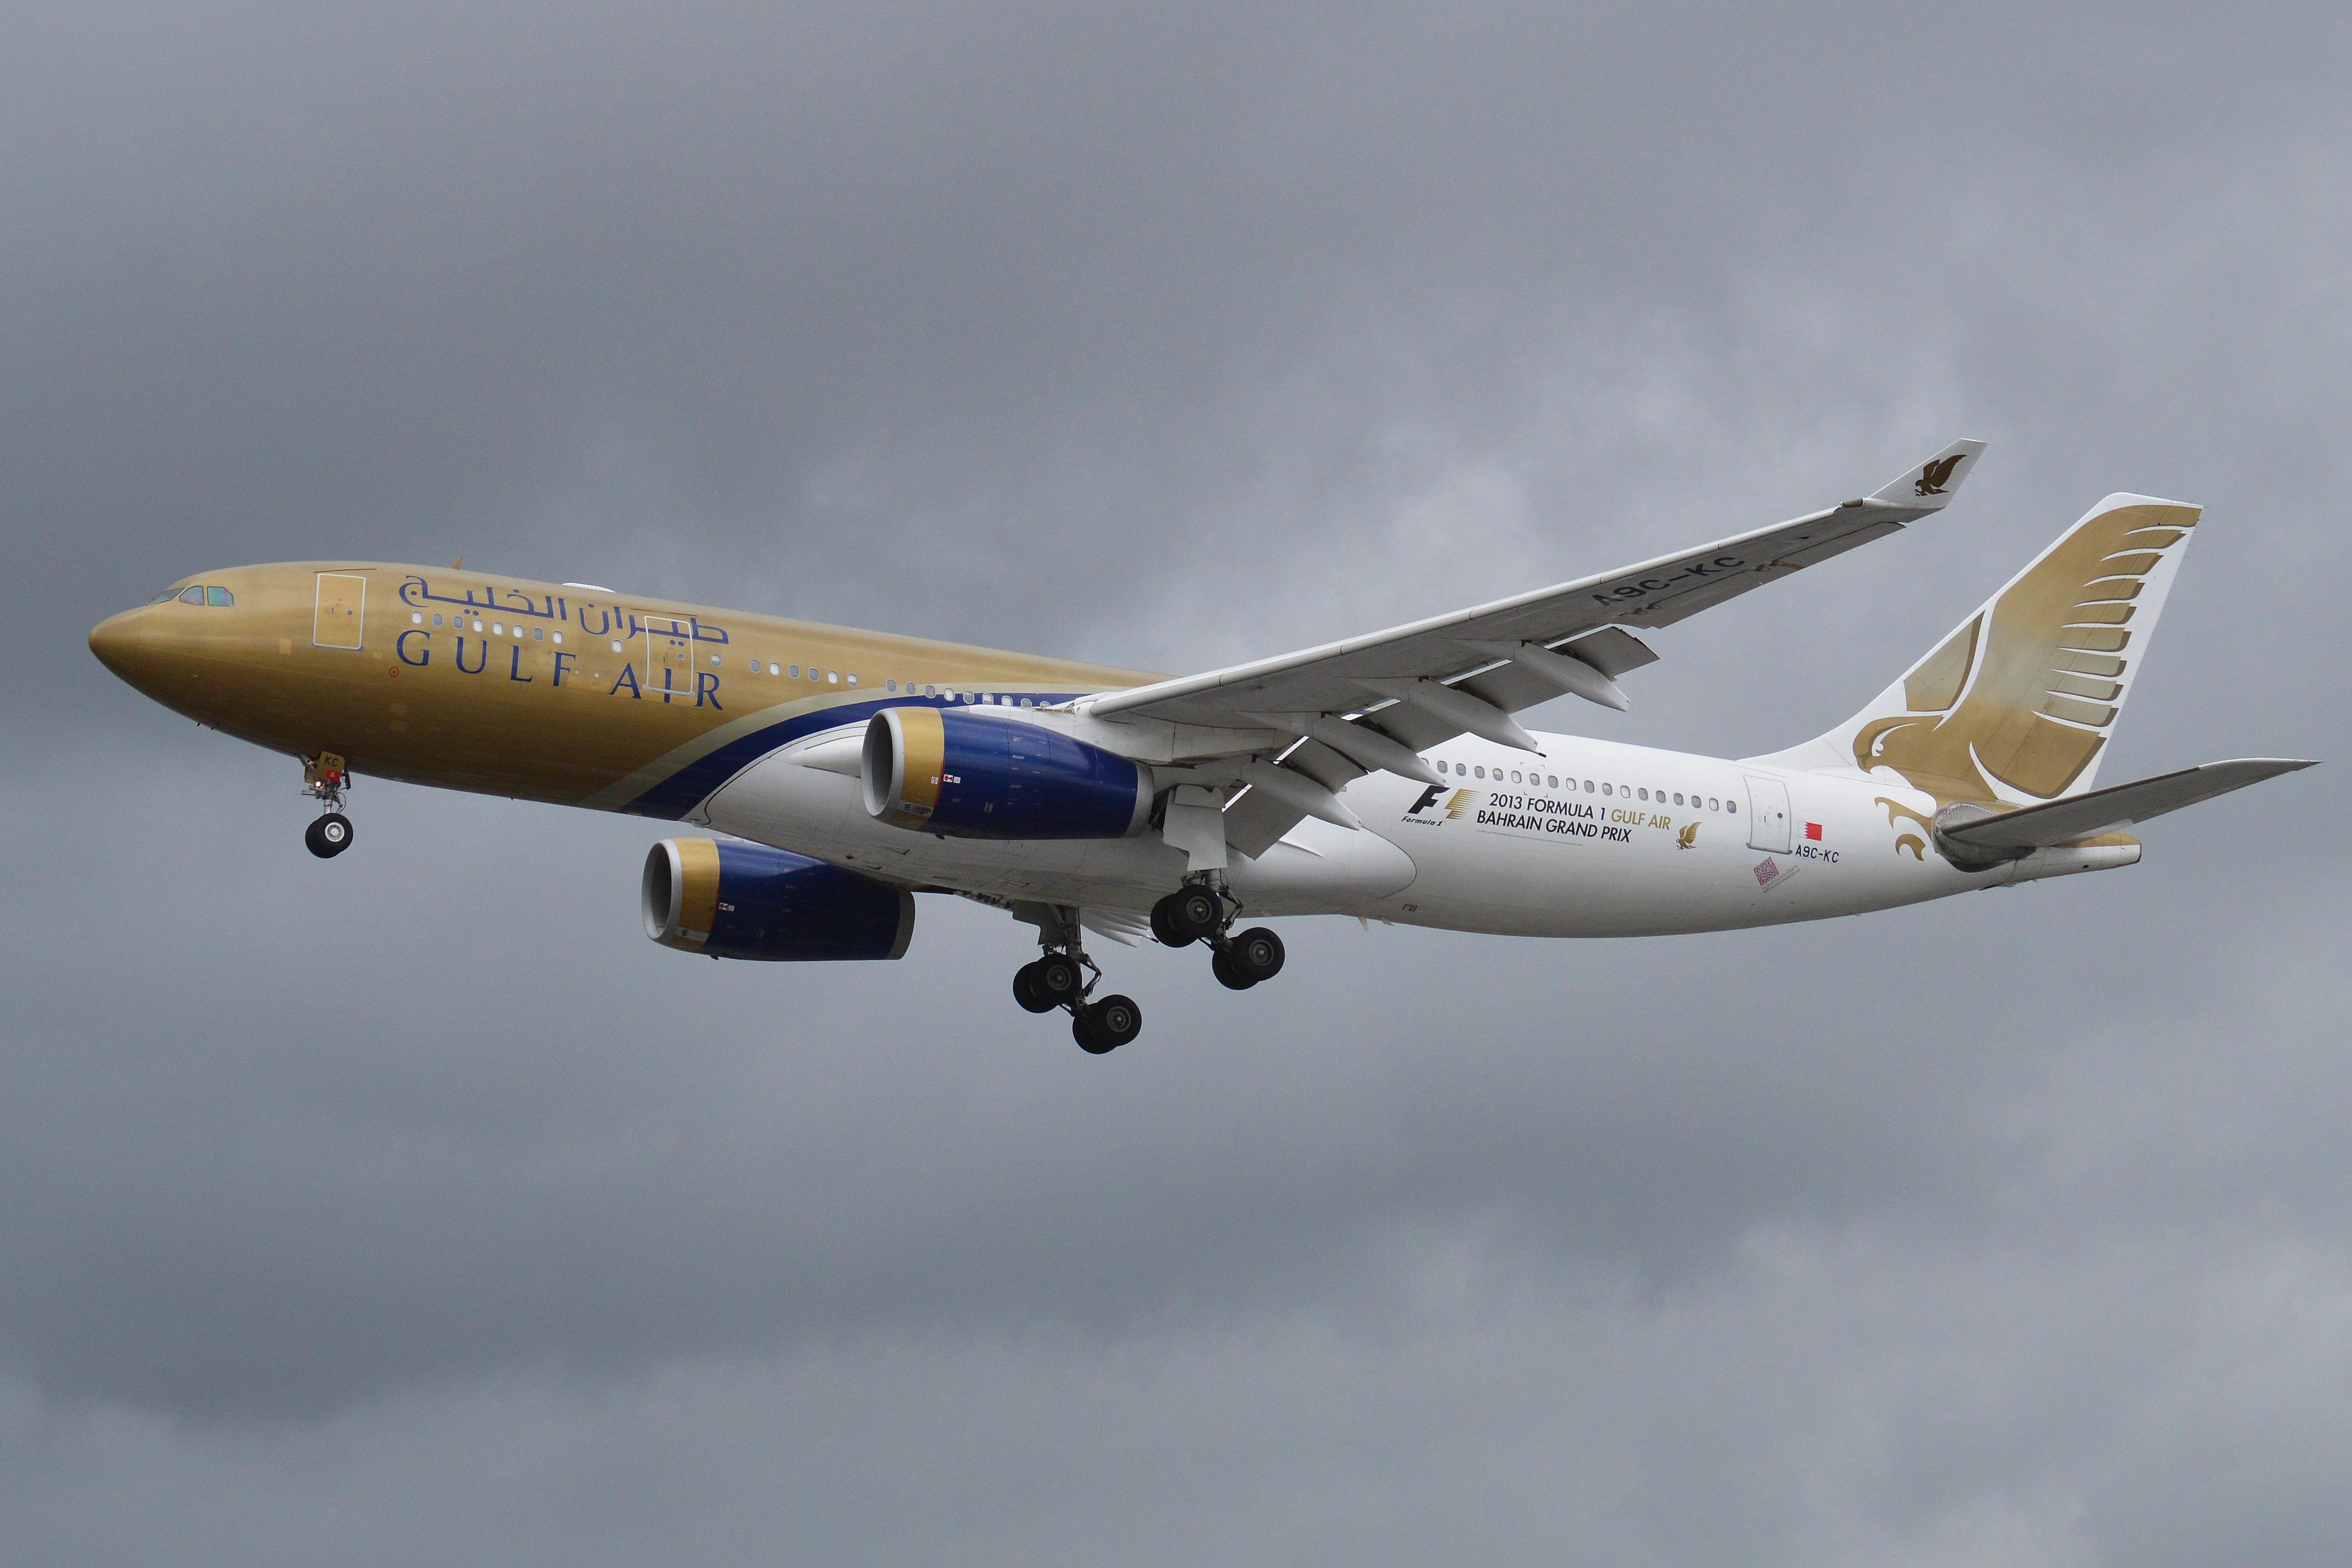 FILE PHOTO: Gulf Air Airbus 330-200 (Photo by Alan Wilson, CC BY-SA 2.0.)